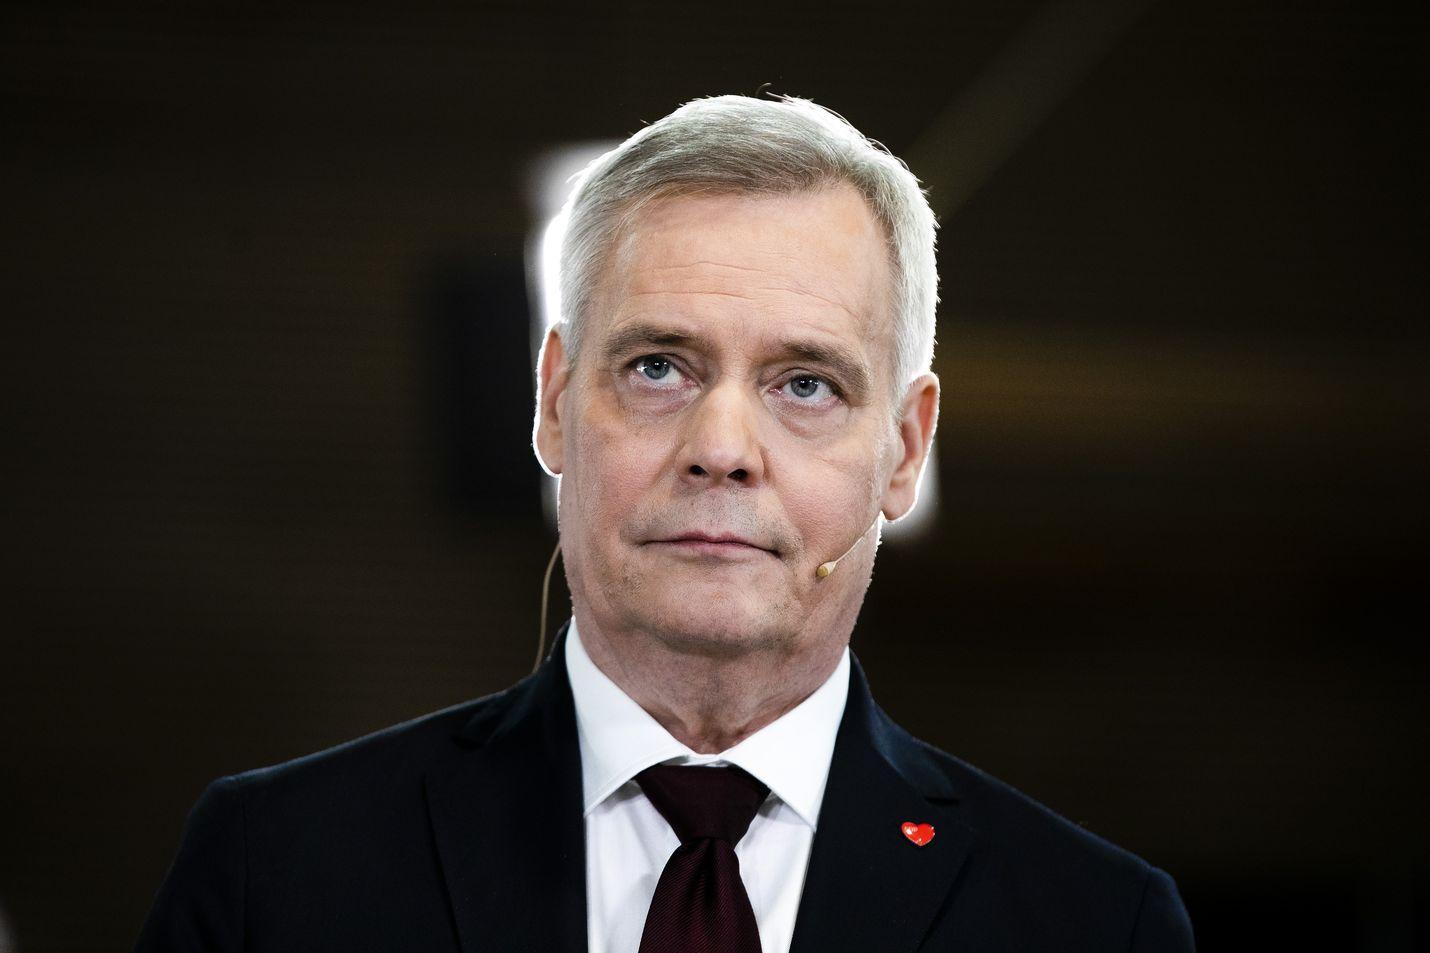 Sdp:n puheenjohtaja Antti Rinne nimetään hallitustunnustelijaksi ensi viikon perjantaina.